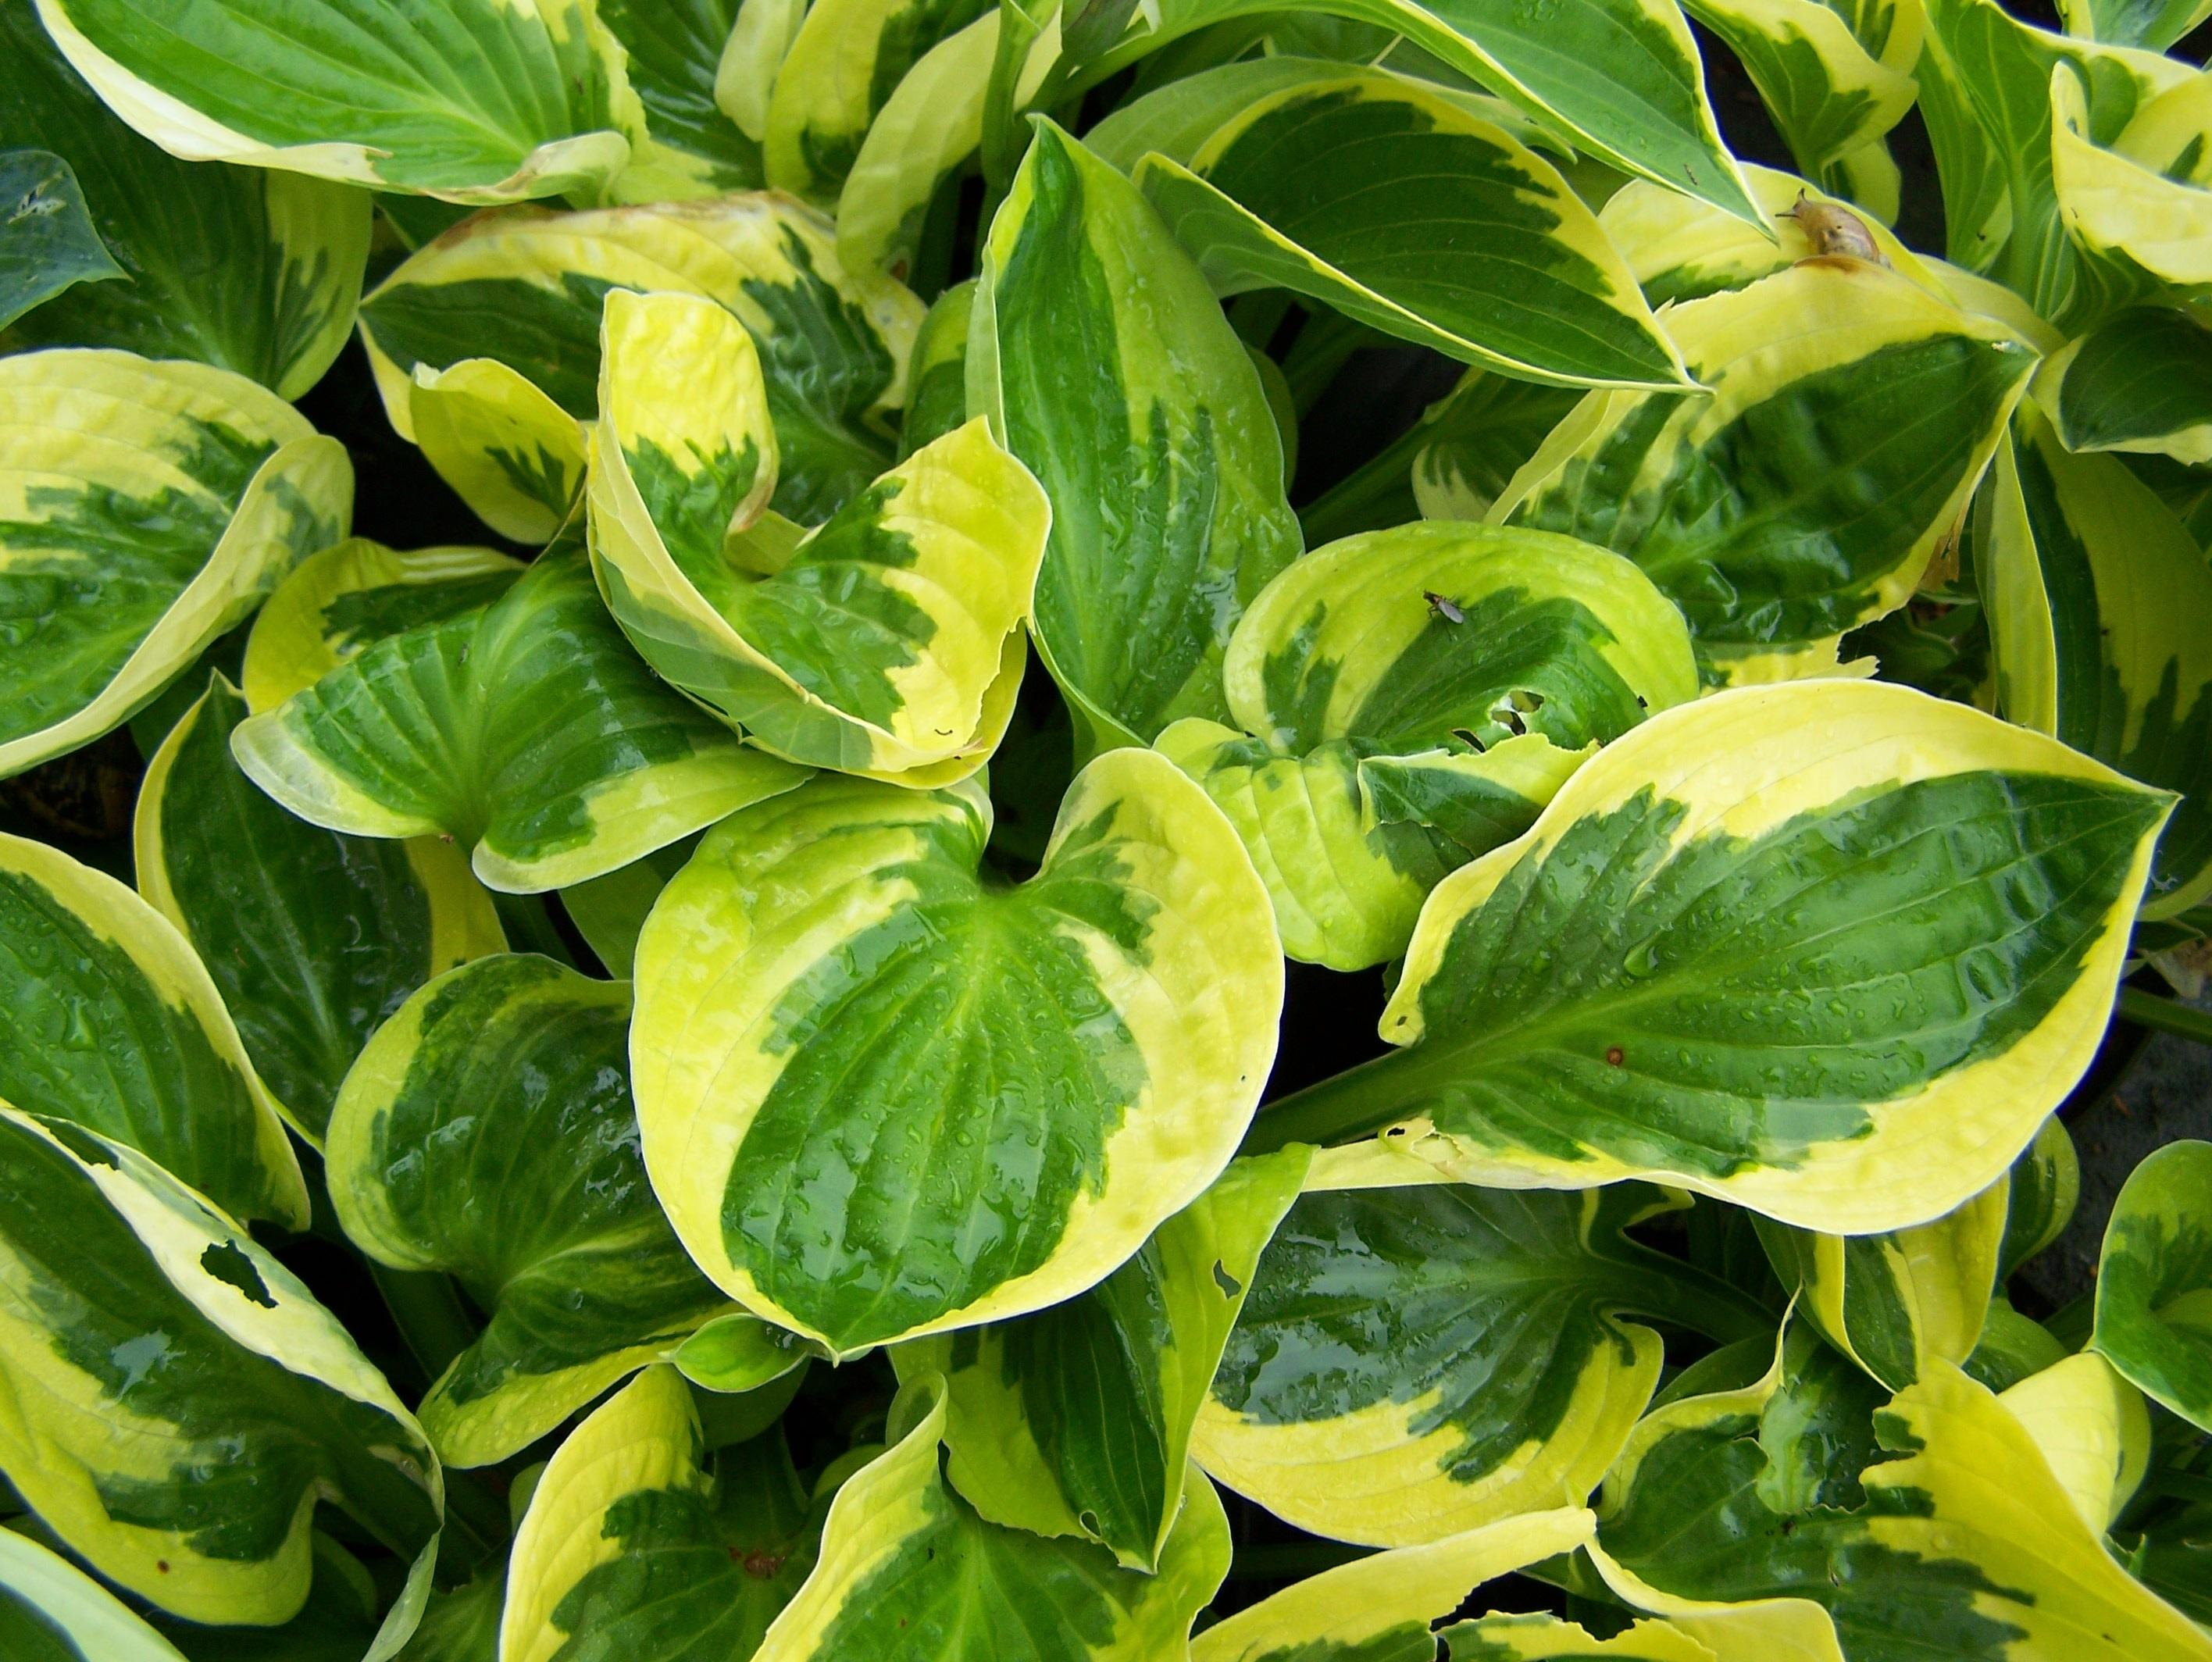 Оттенки желтого и зеленого на листьях хосты